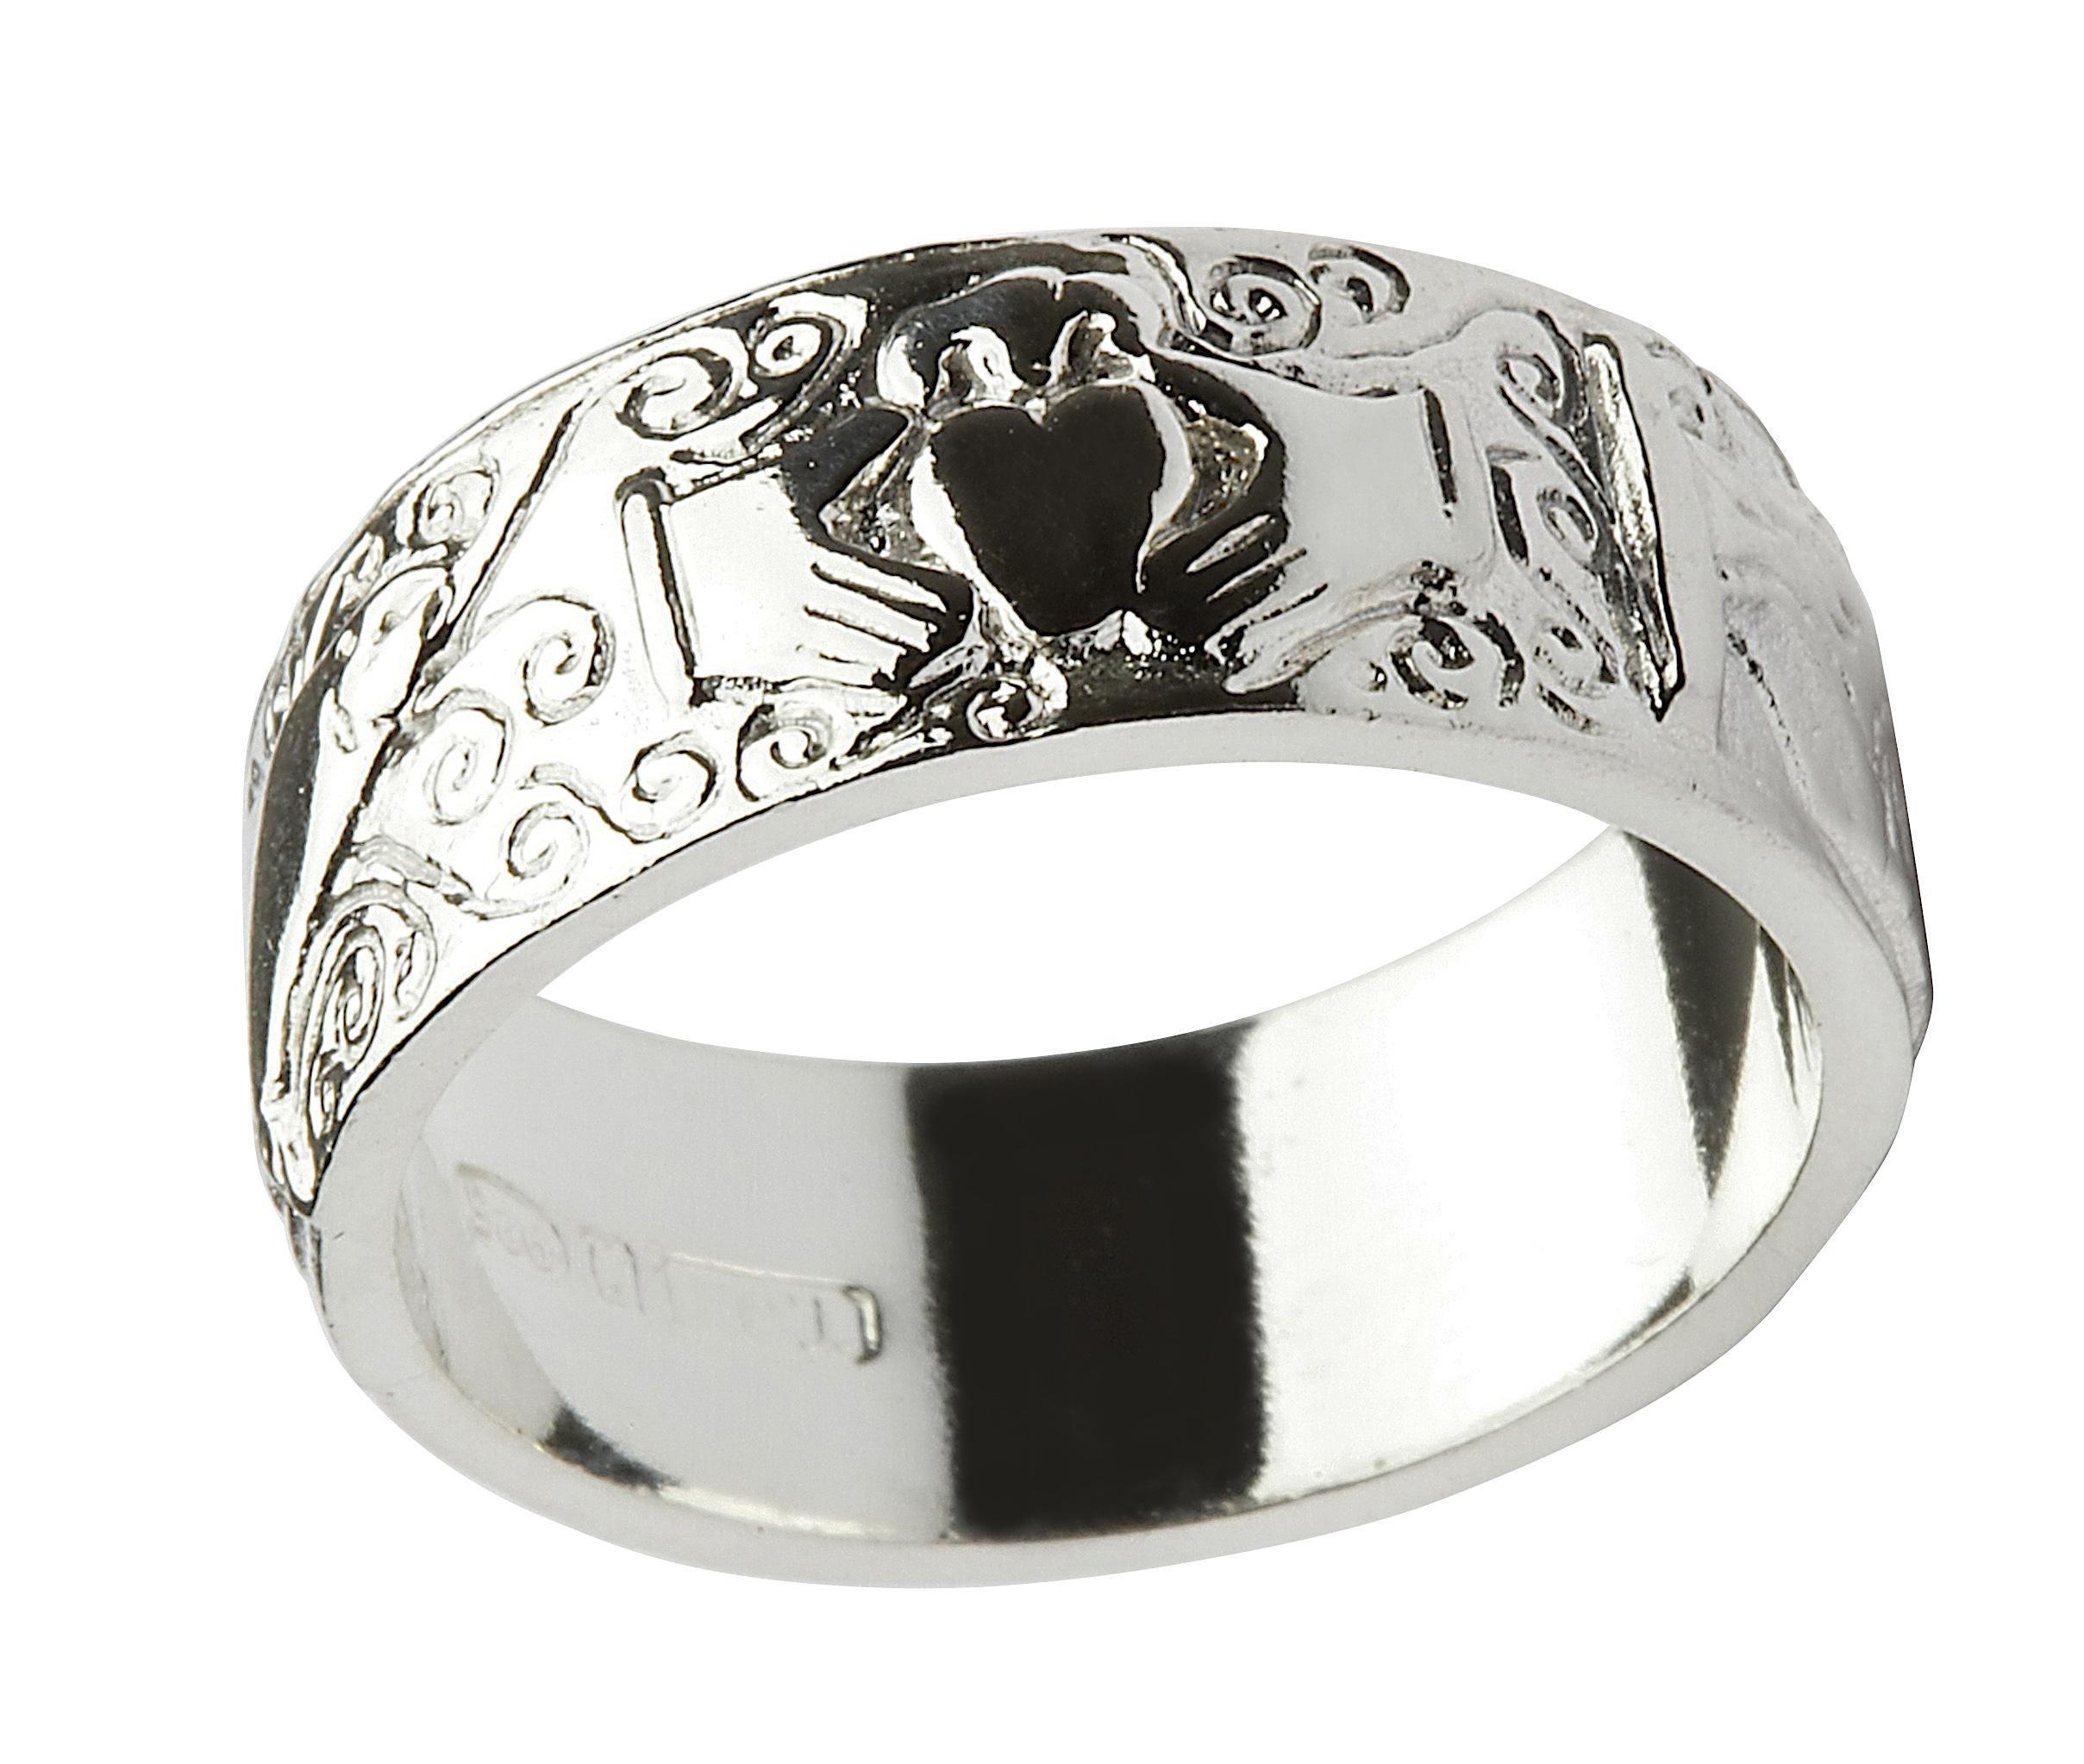 Engagement Rings Galway: Irishjewel.com